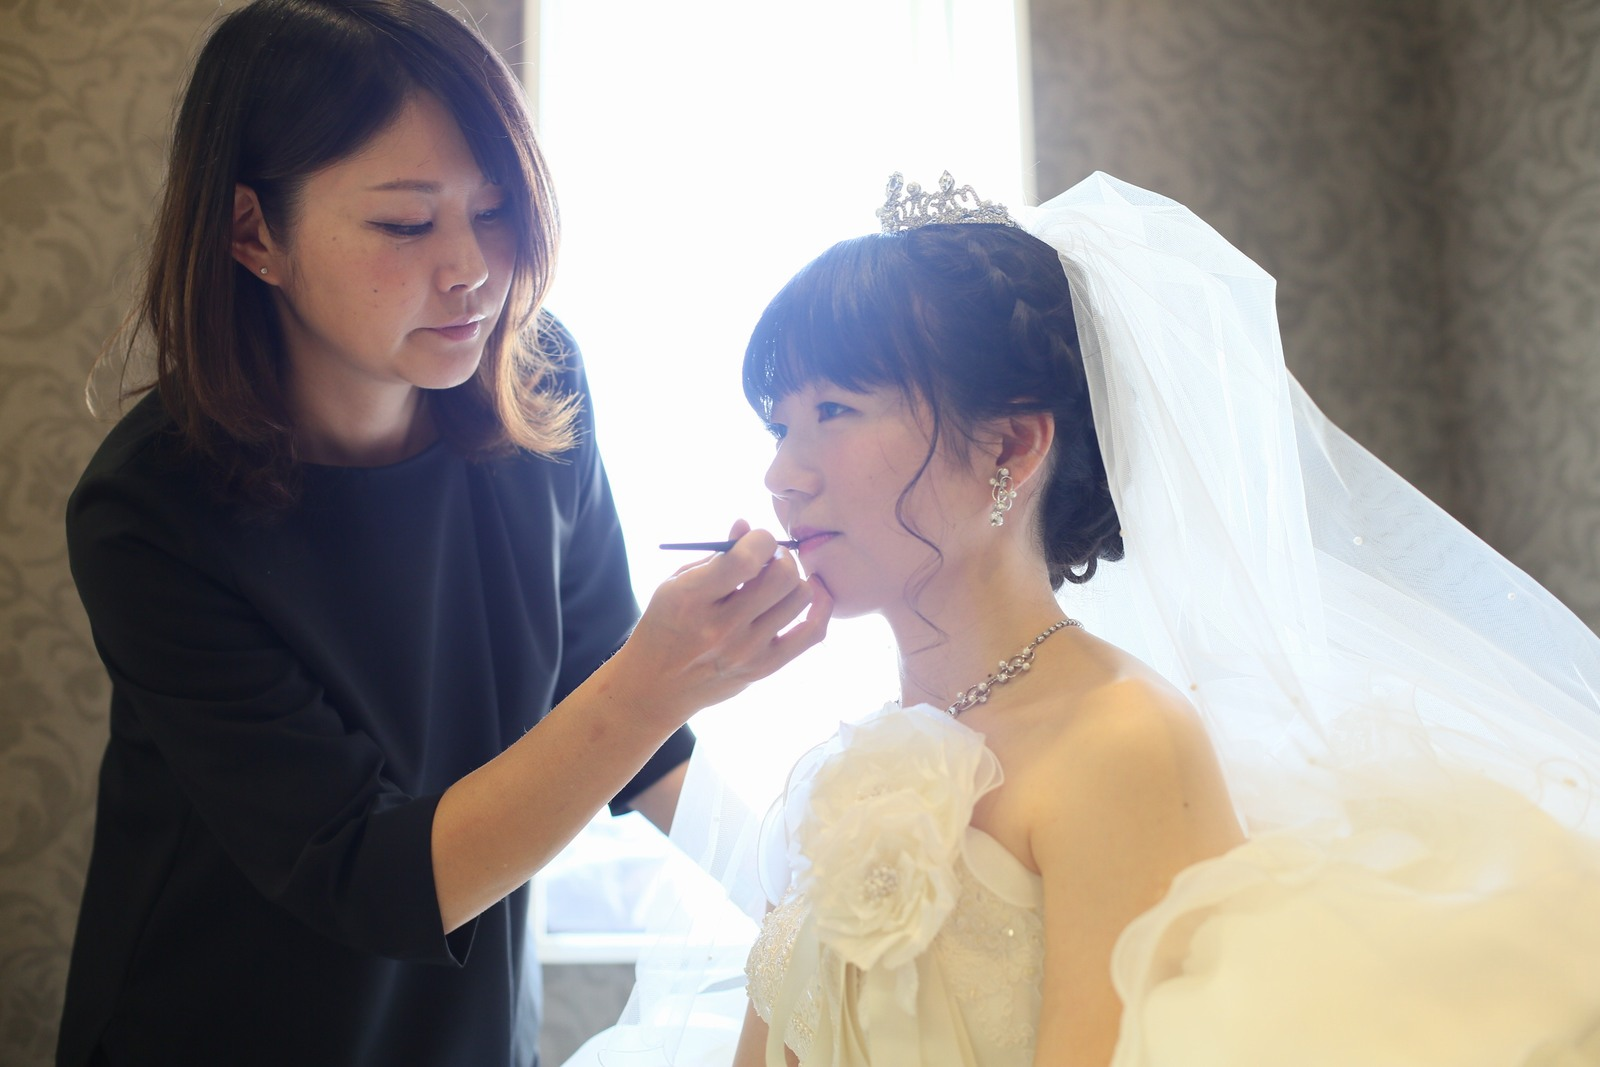 徳島市の結婚式場ブランアンジュで挙式前の花嫁メイクのワンシーン